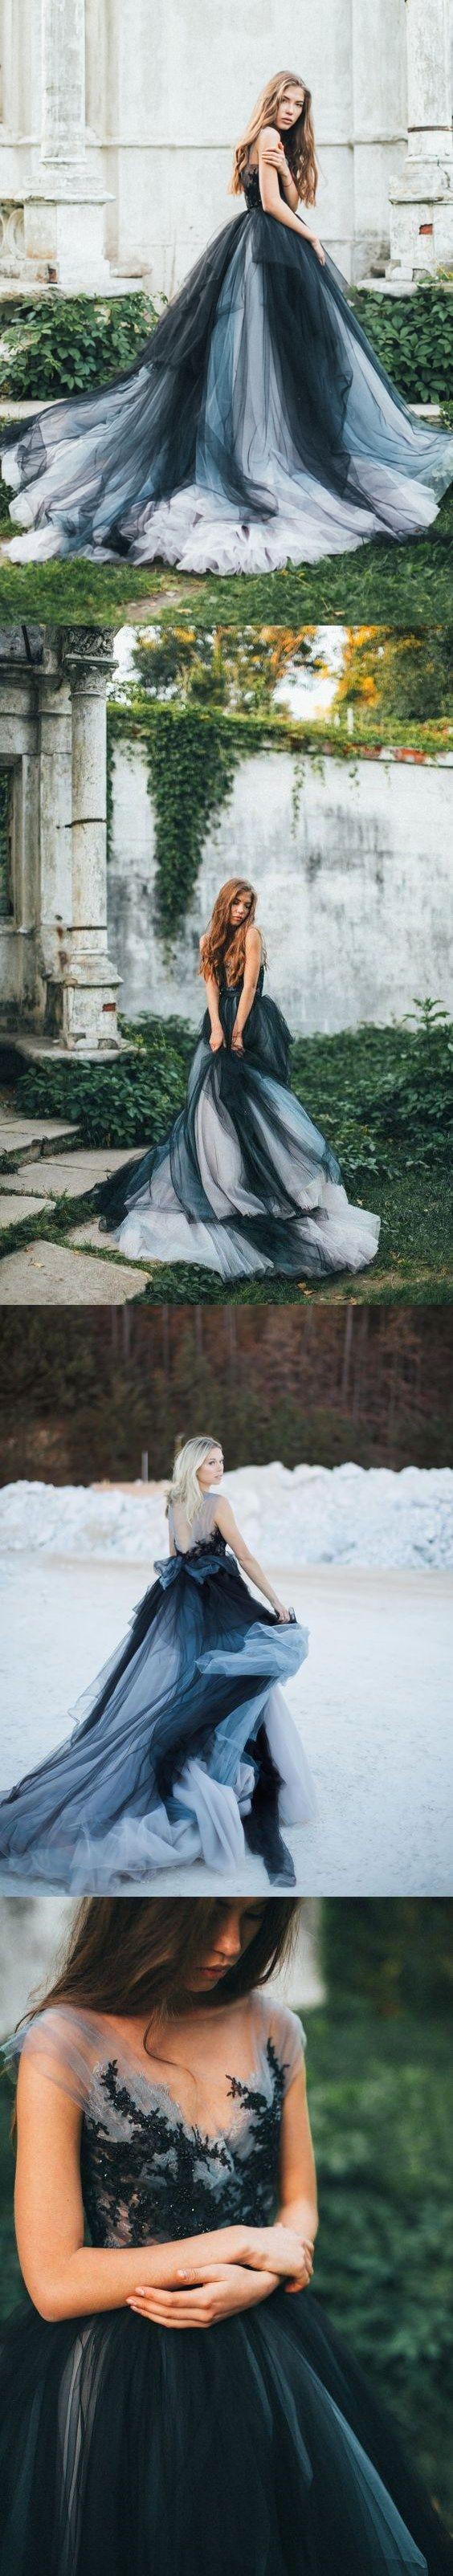 Black romantic wedding dresses colored modest long train lace big